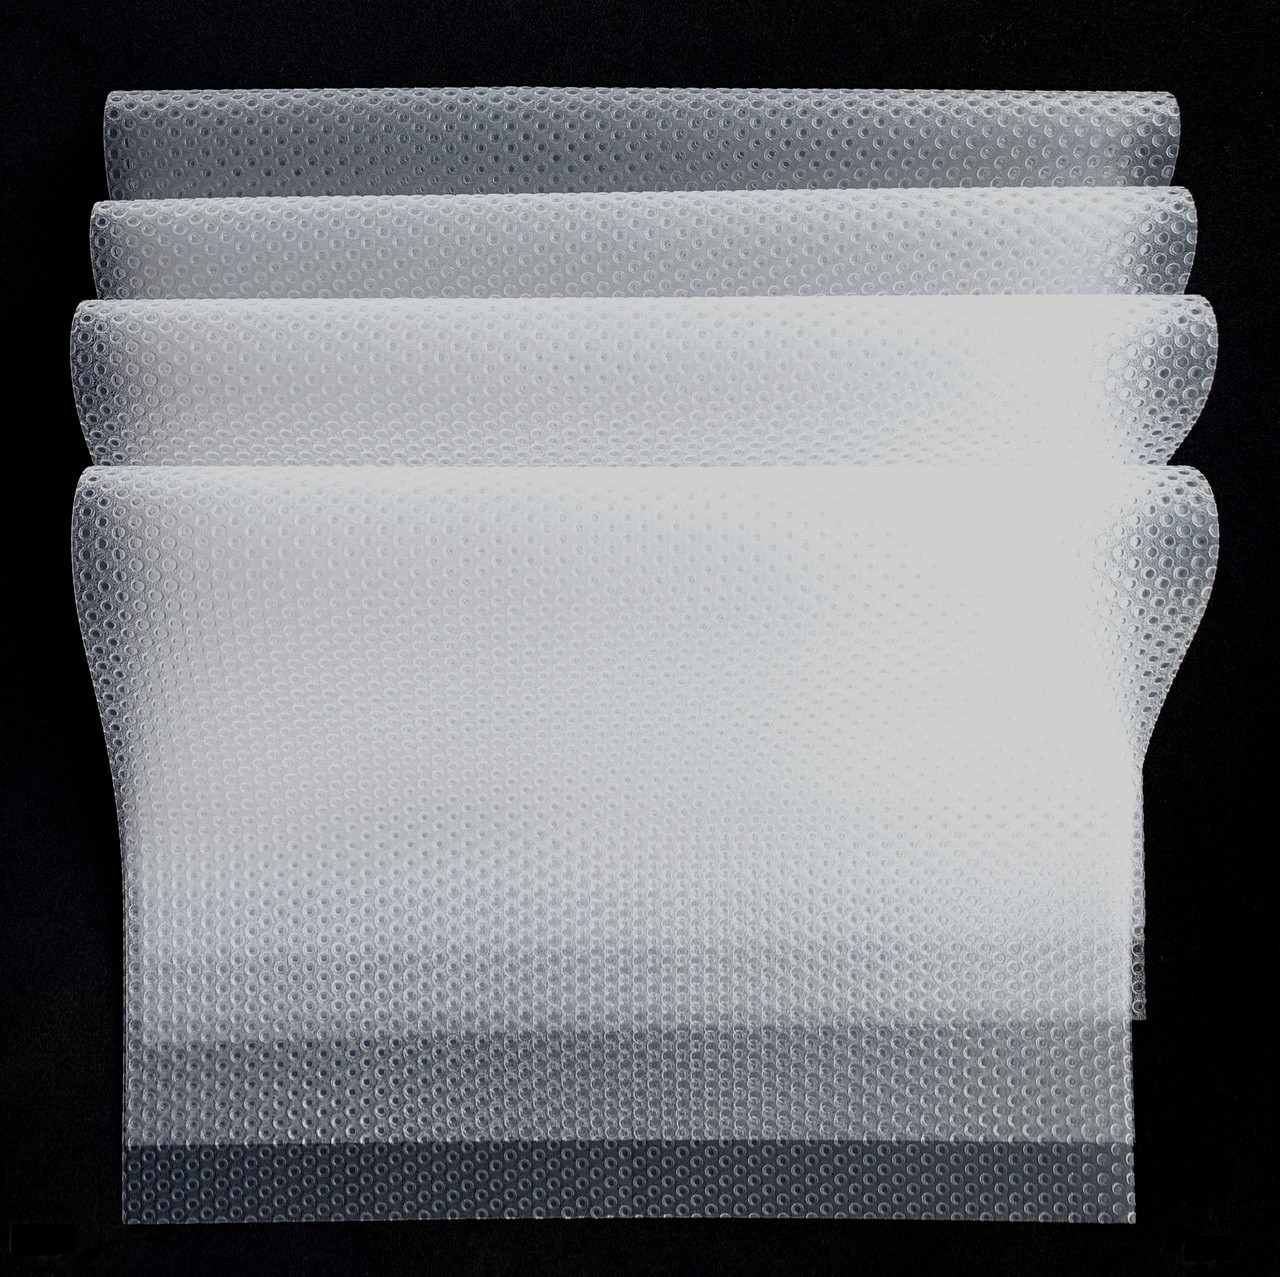 Антибактериальный коврик для холодильника ( набор 4 шт) прозрачный